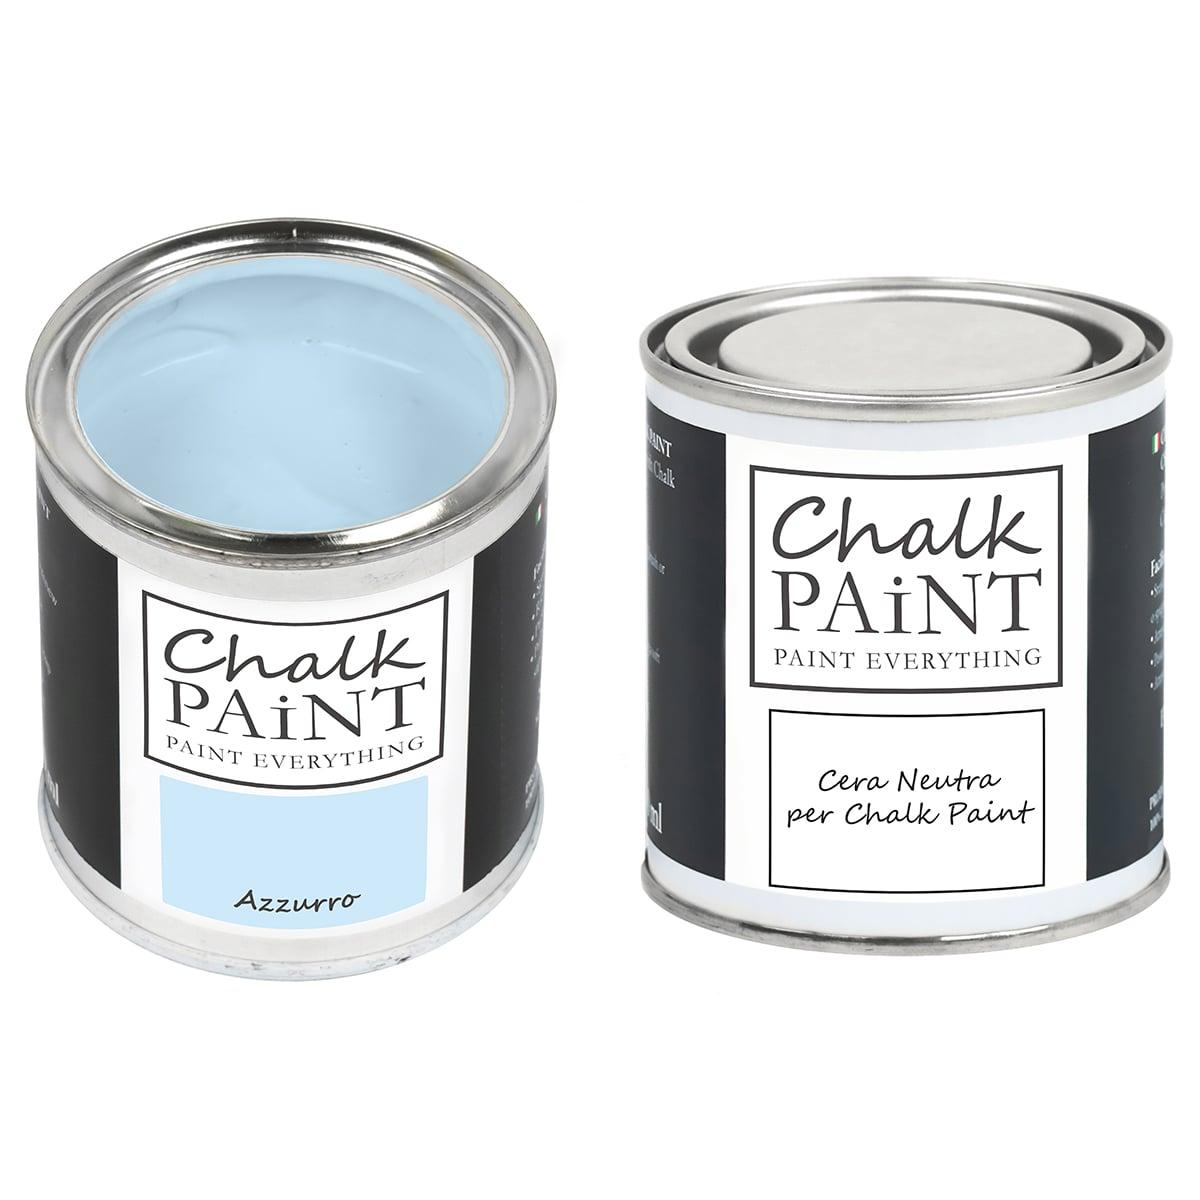 Azzurro Chalk paint e cera in offerta decora facile con paint magic